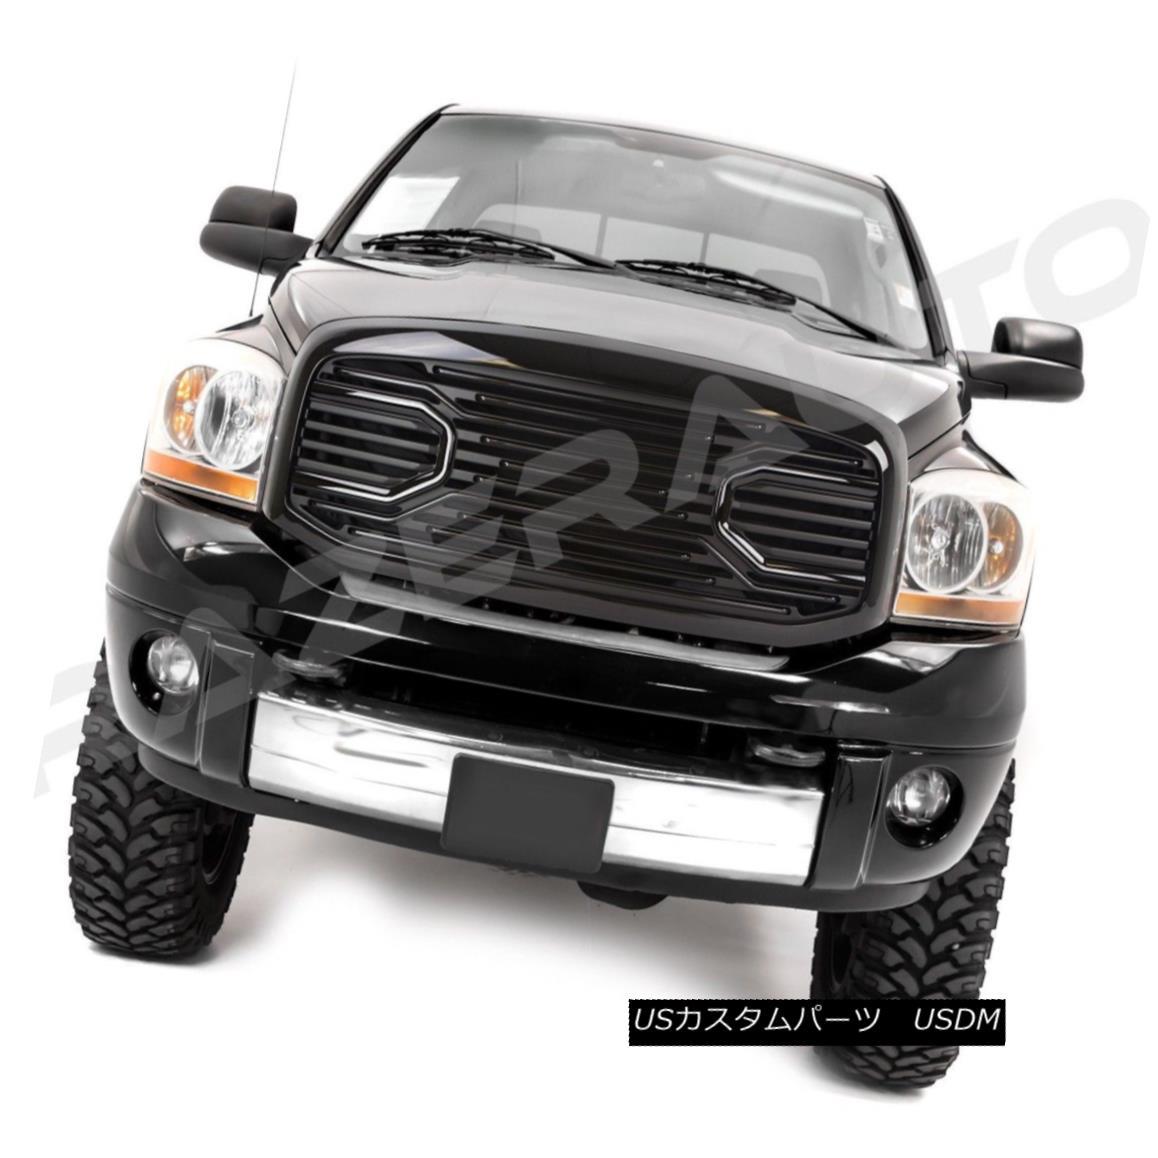 グリル 06-08 Dodge Ram 1500+06-09 Ram 2500+3500 Big Horn Black Packaged Grille+Shell 06-08ダッジラム1500 + 06-09ラム2500 + 3500ビッグホーンブラックパッケージグリル+シェル